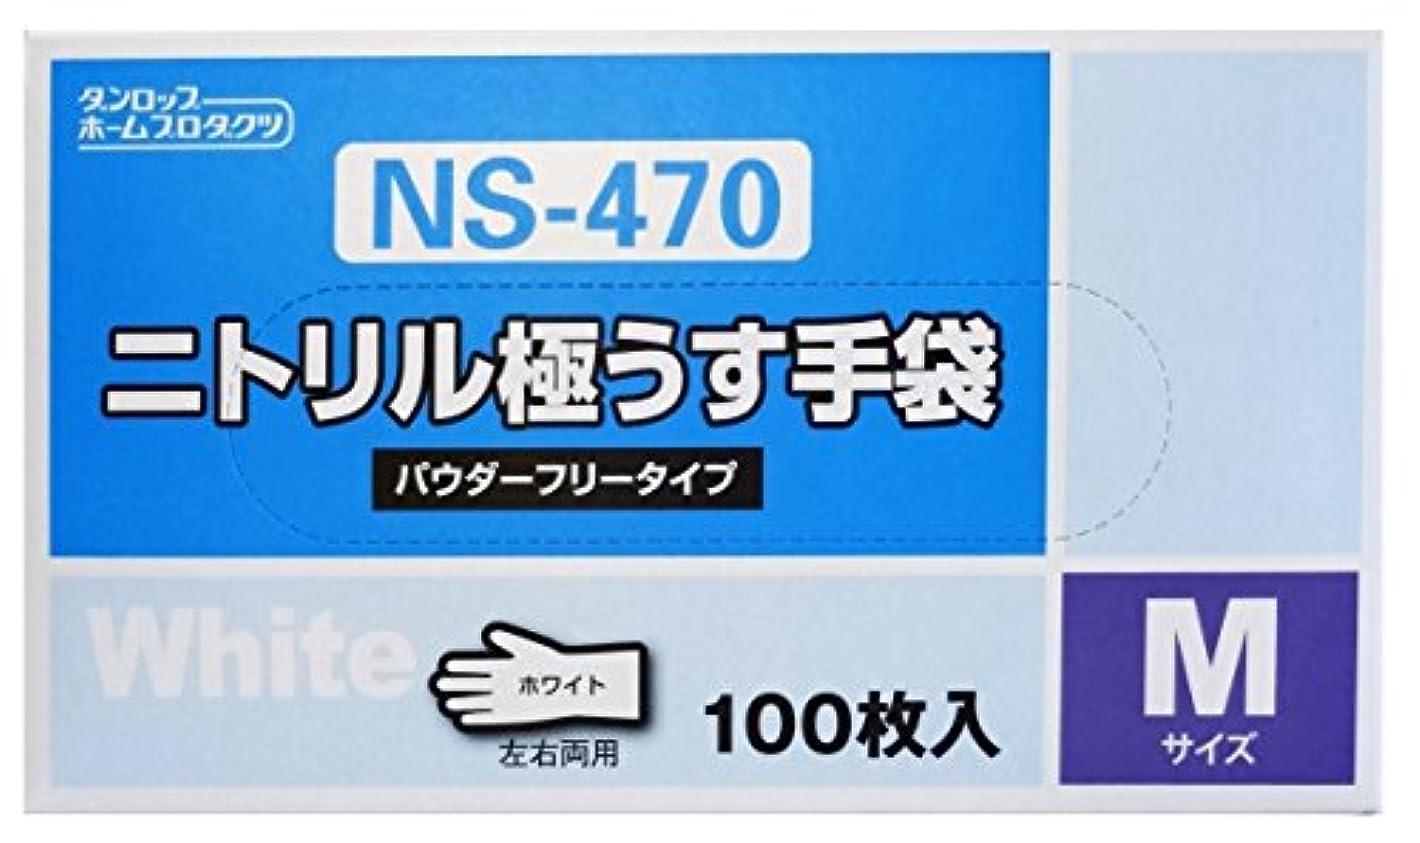 ボトルネック柱ハウスダンロップホームプロダクツ 粉なしニトリル極うす手袋 Mサイズ ホワイト 100枚入 NS-470